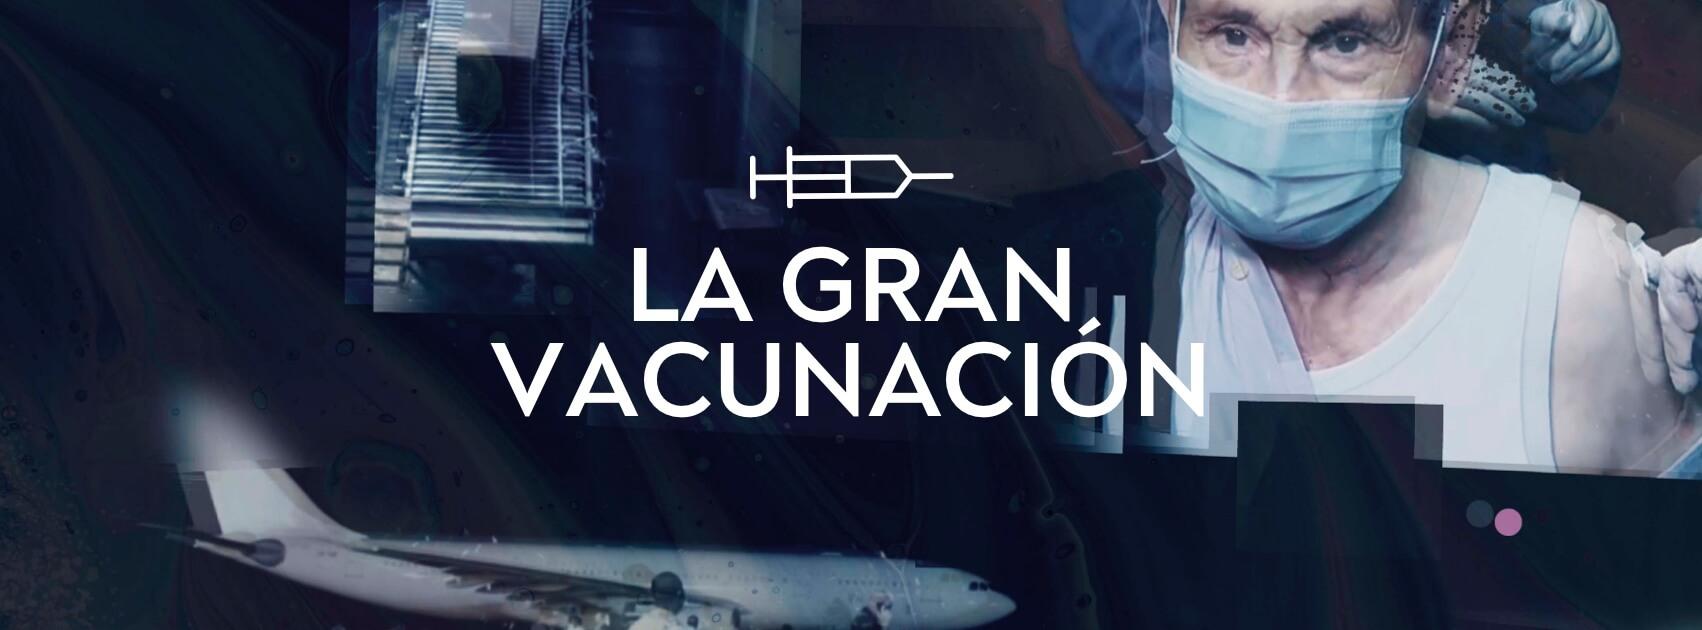 La gran vacunación